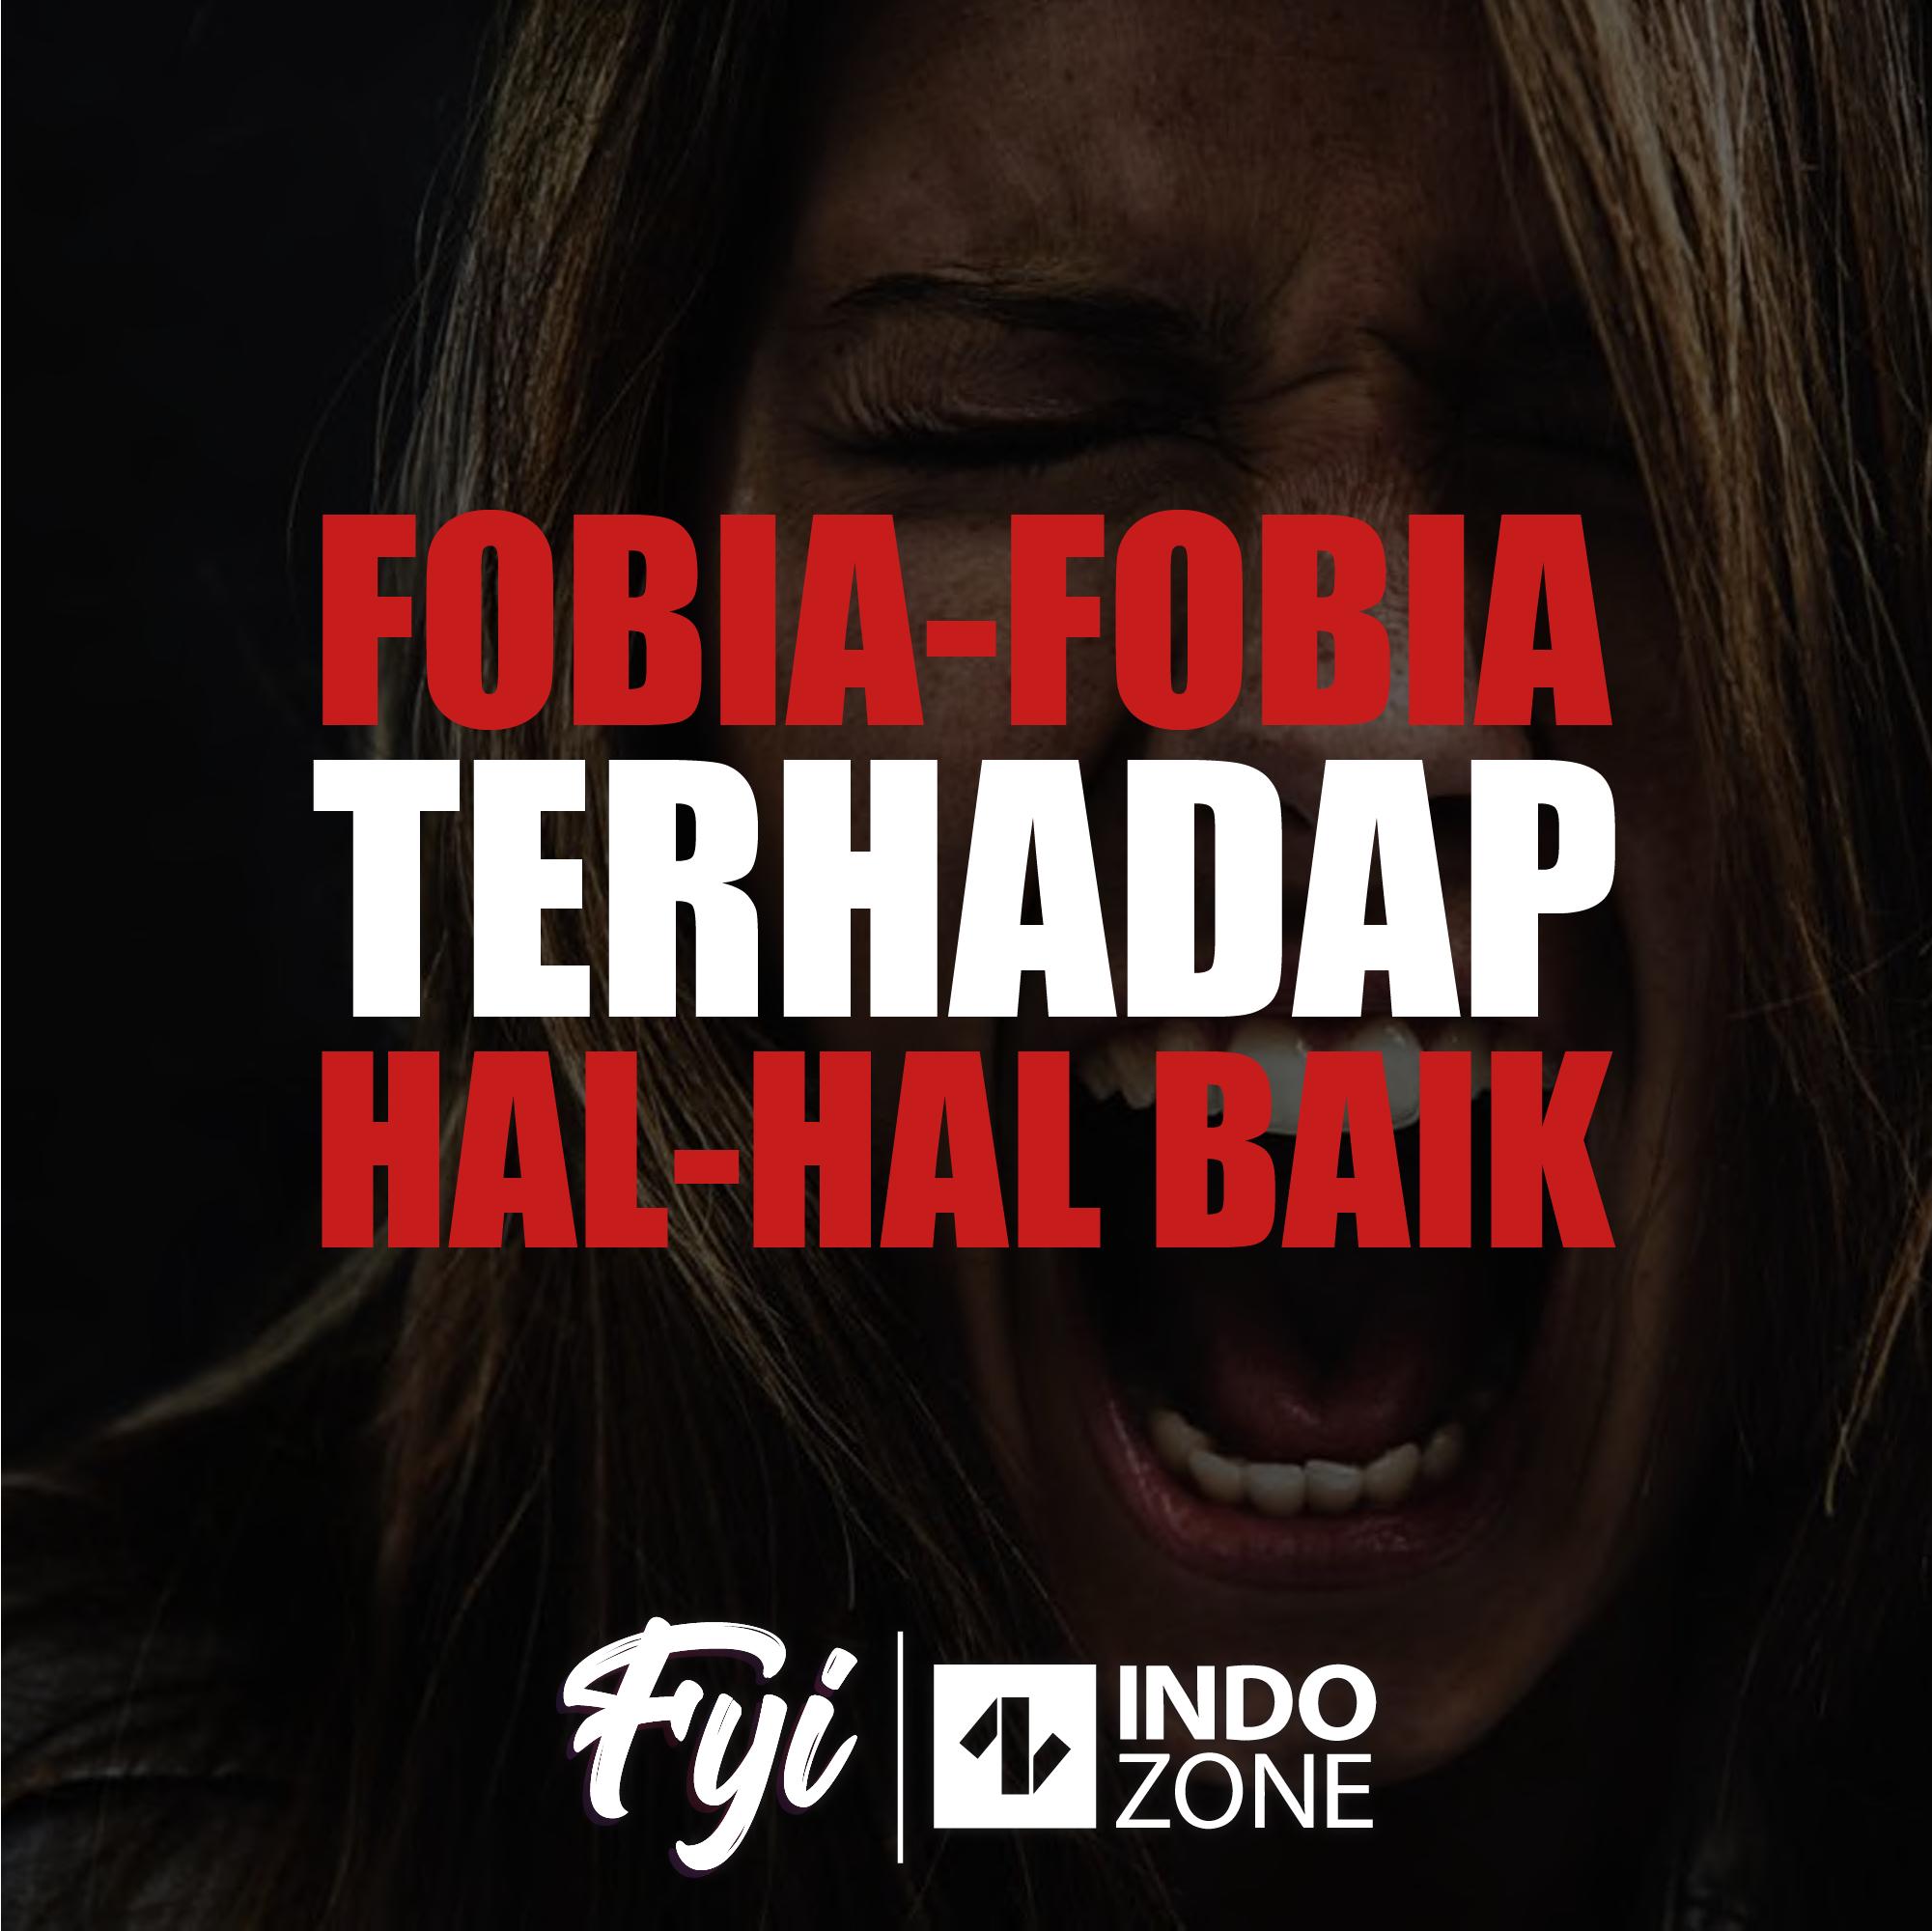 Fobia-Fobia Terhadap Hal-Hal Baik